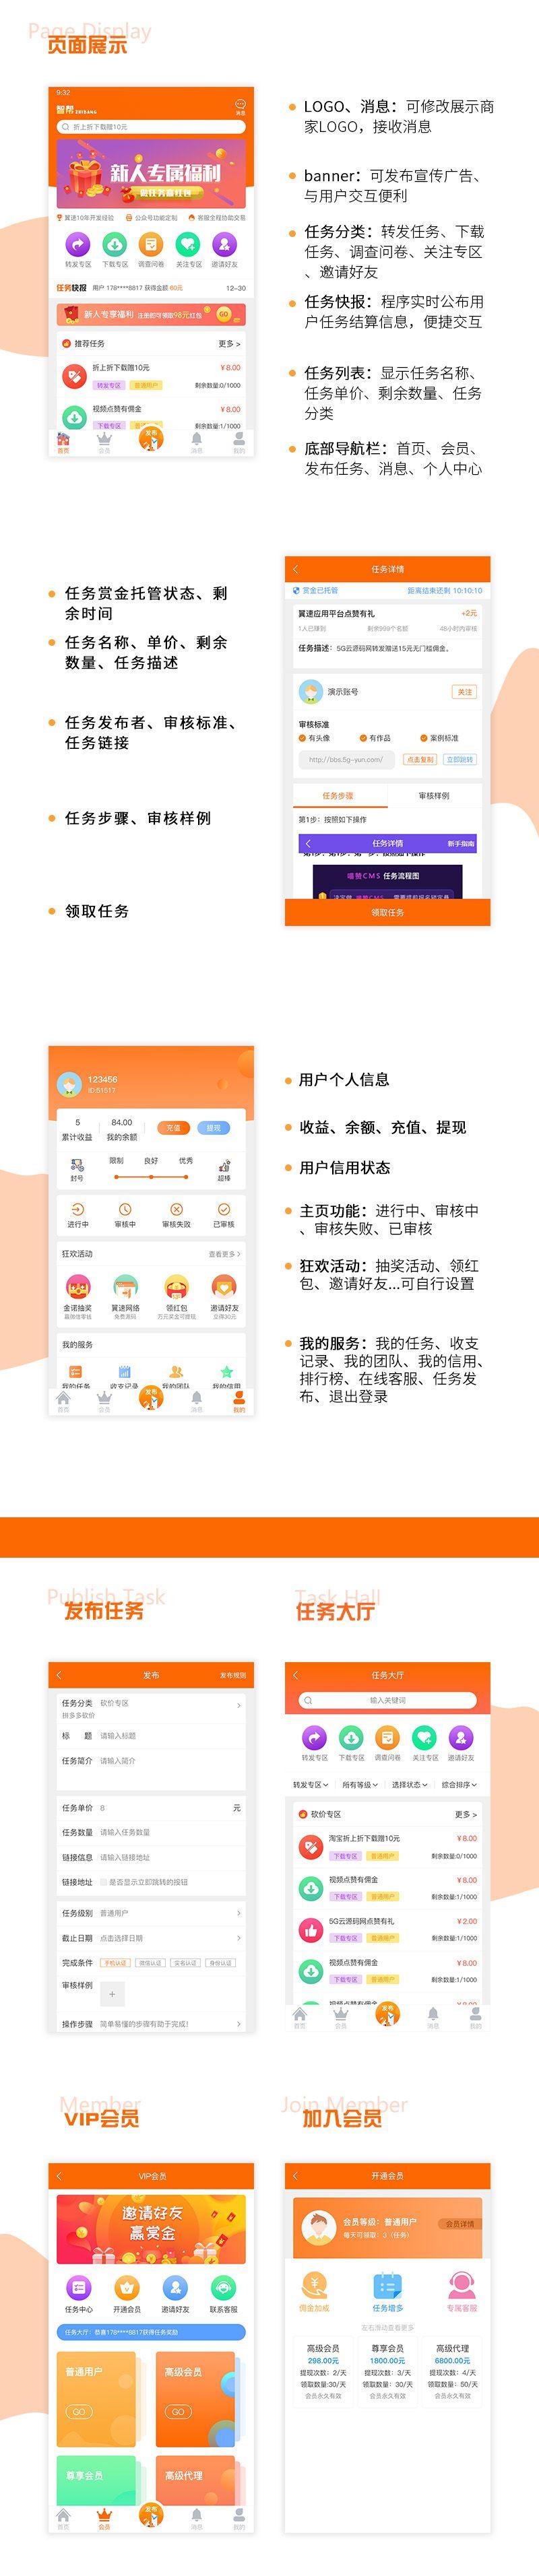 悬赏任务APP源码 任务发布平台系统